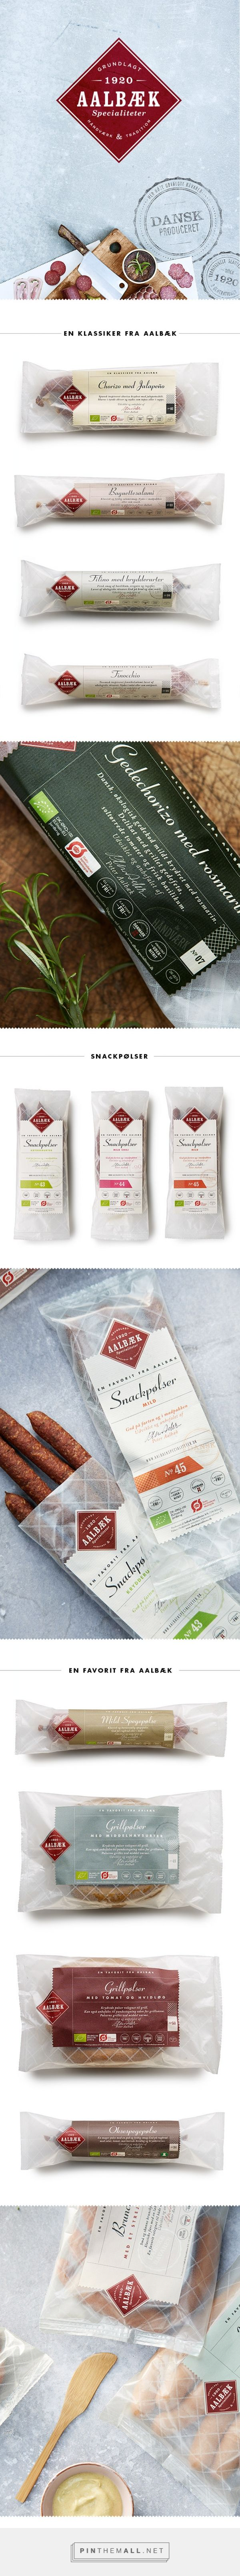 Aalbæk Specialiteter dry sausages designed byBessermachen Designstudio. #SFields99 #packaging #design